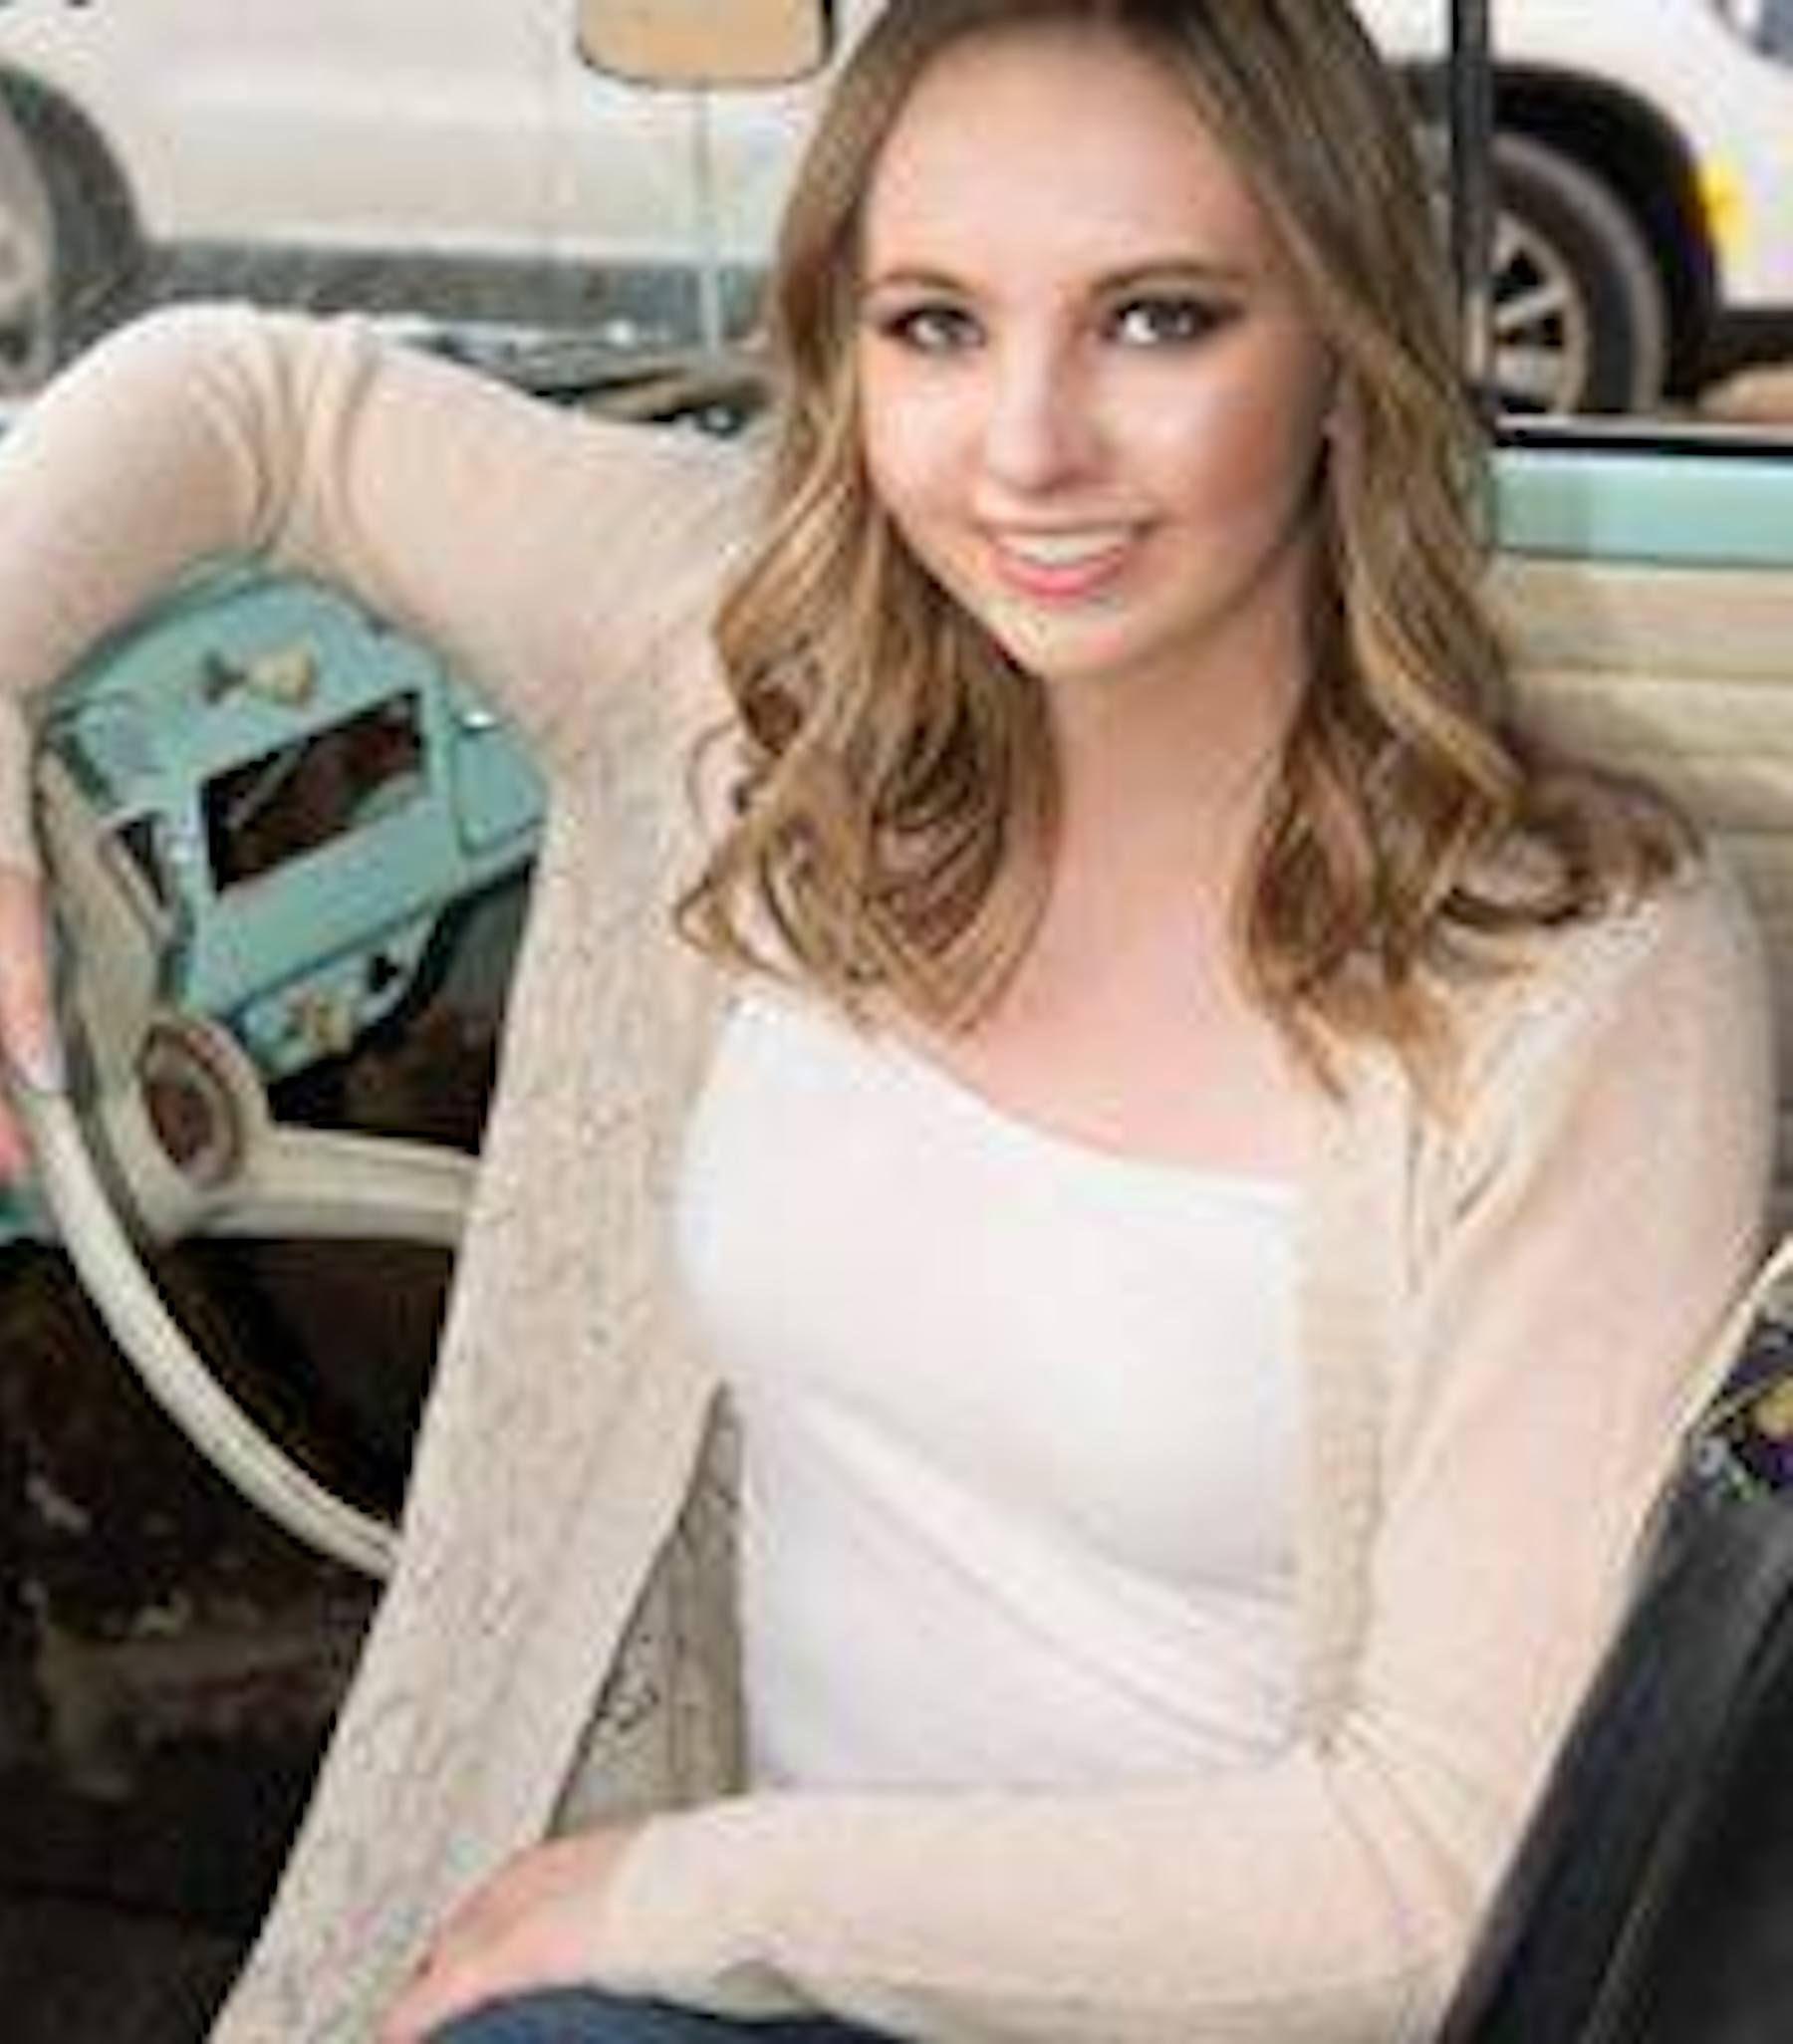 Cassidy Huff